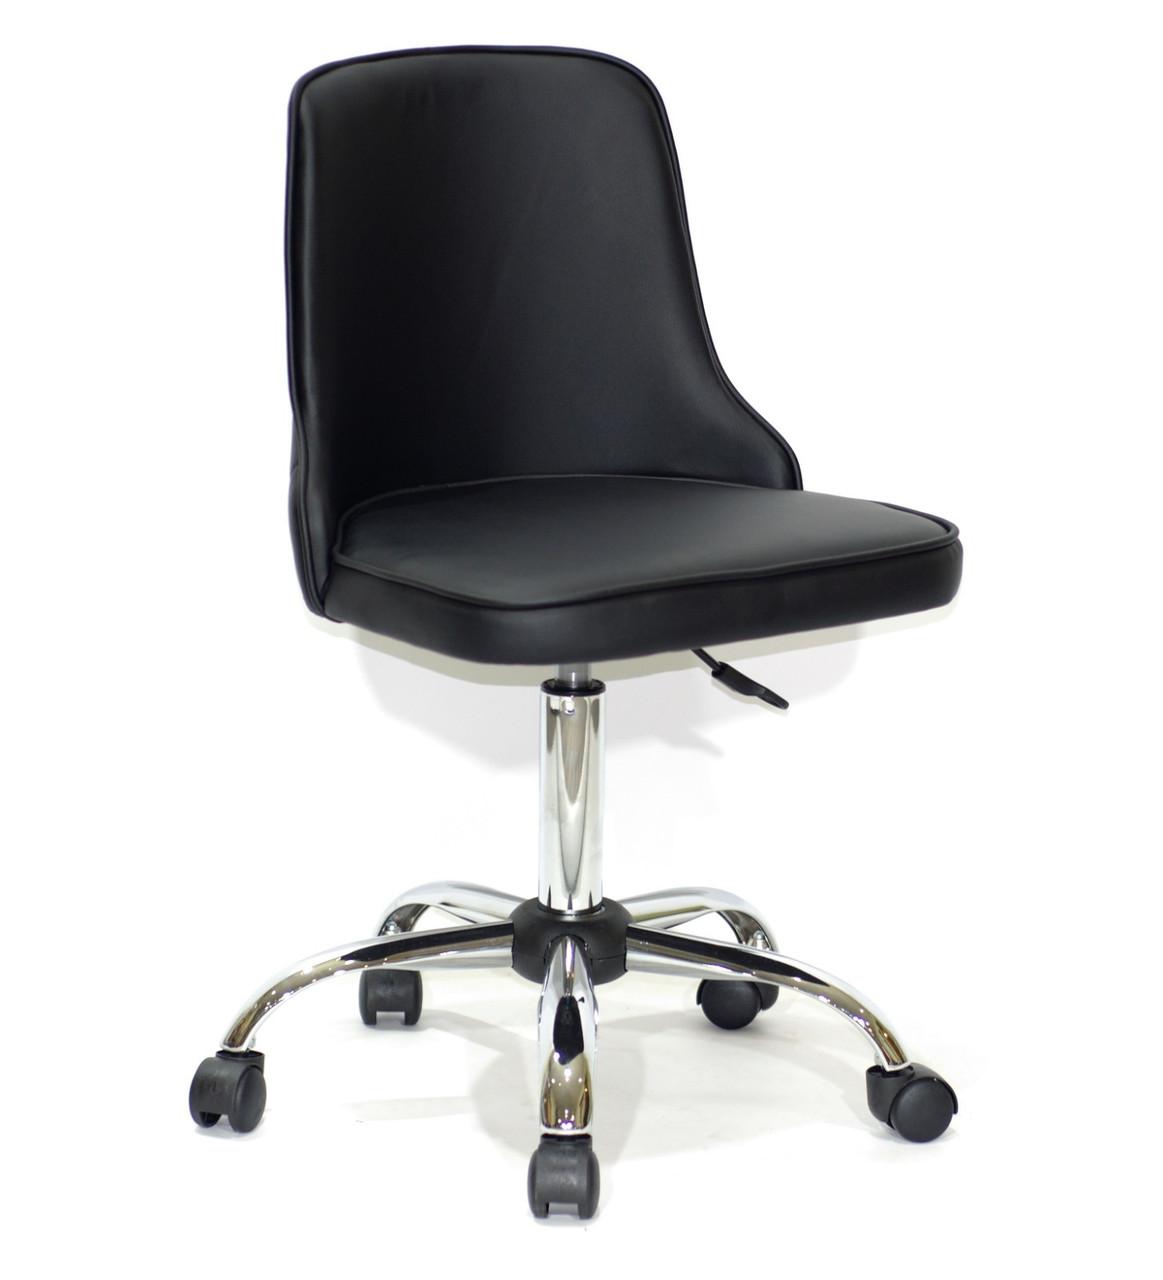 Кресло офисное  на колесах  ADAM  СН-OFFICE  экокожа, черный